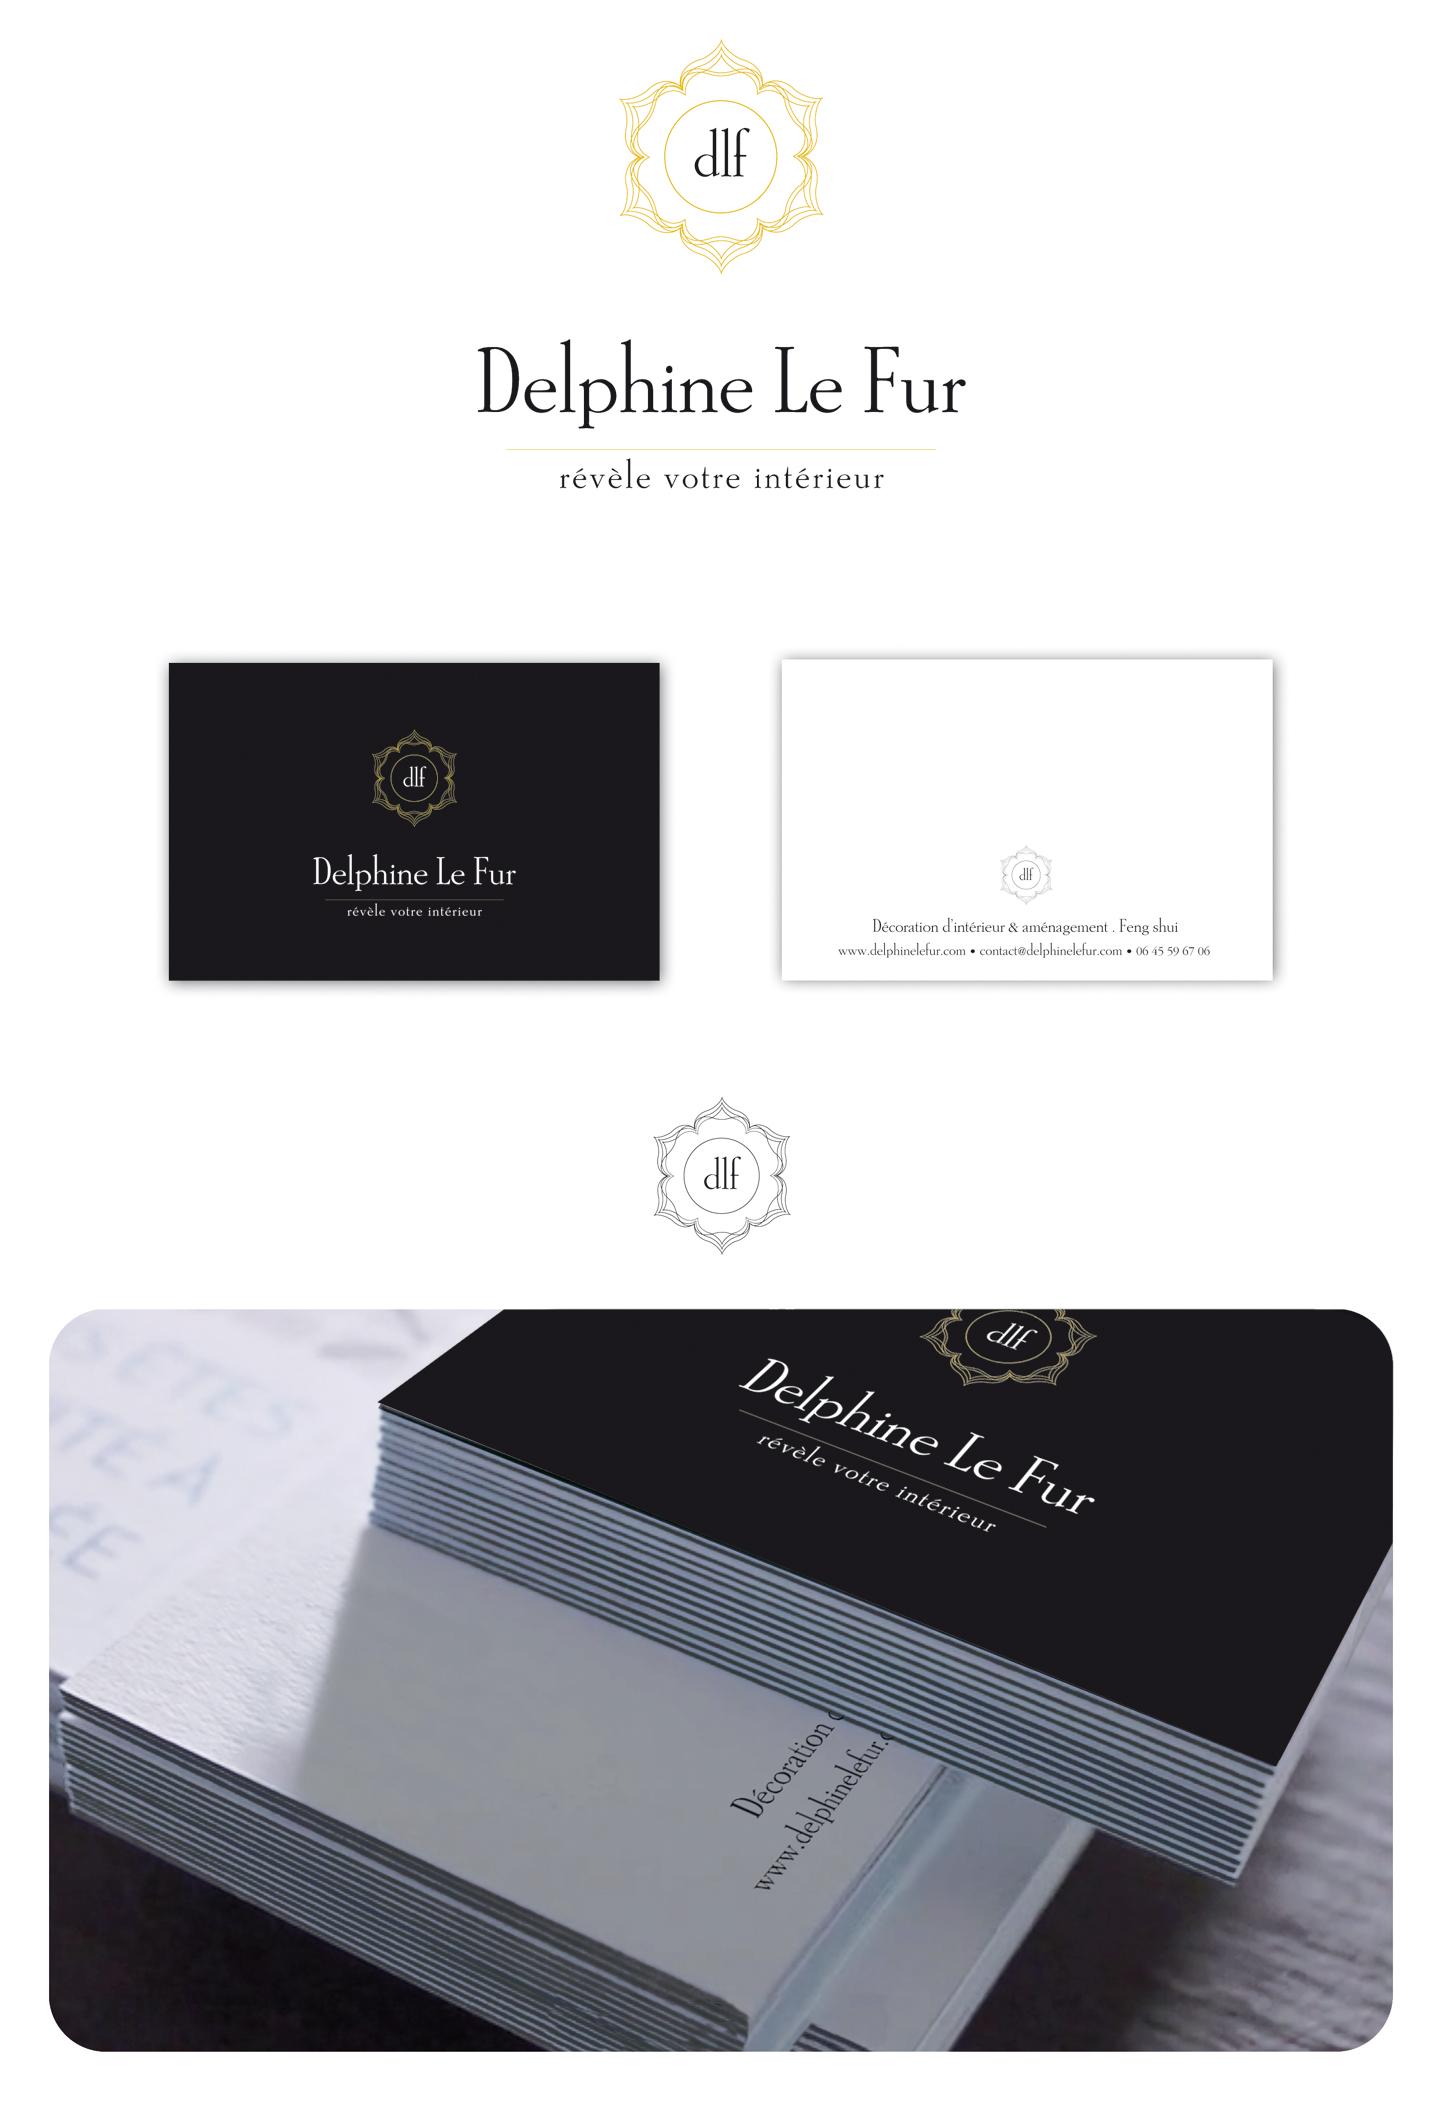 Delphine le Fur